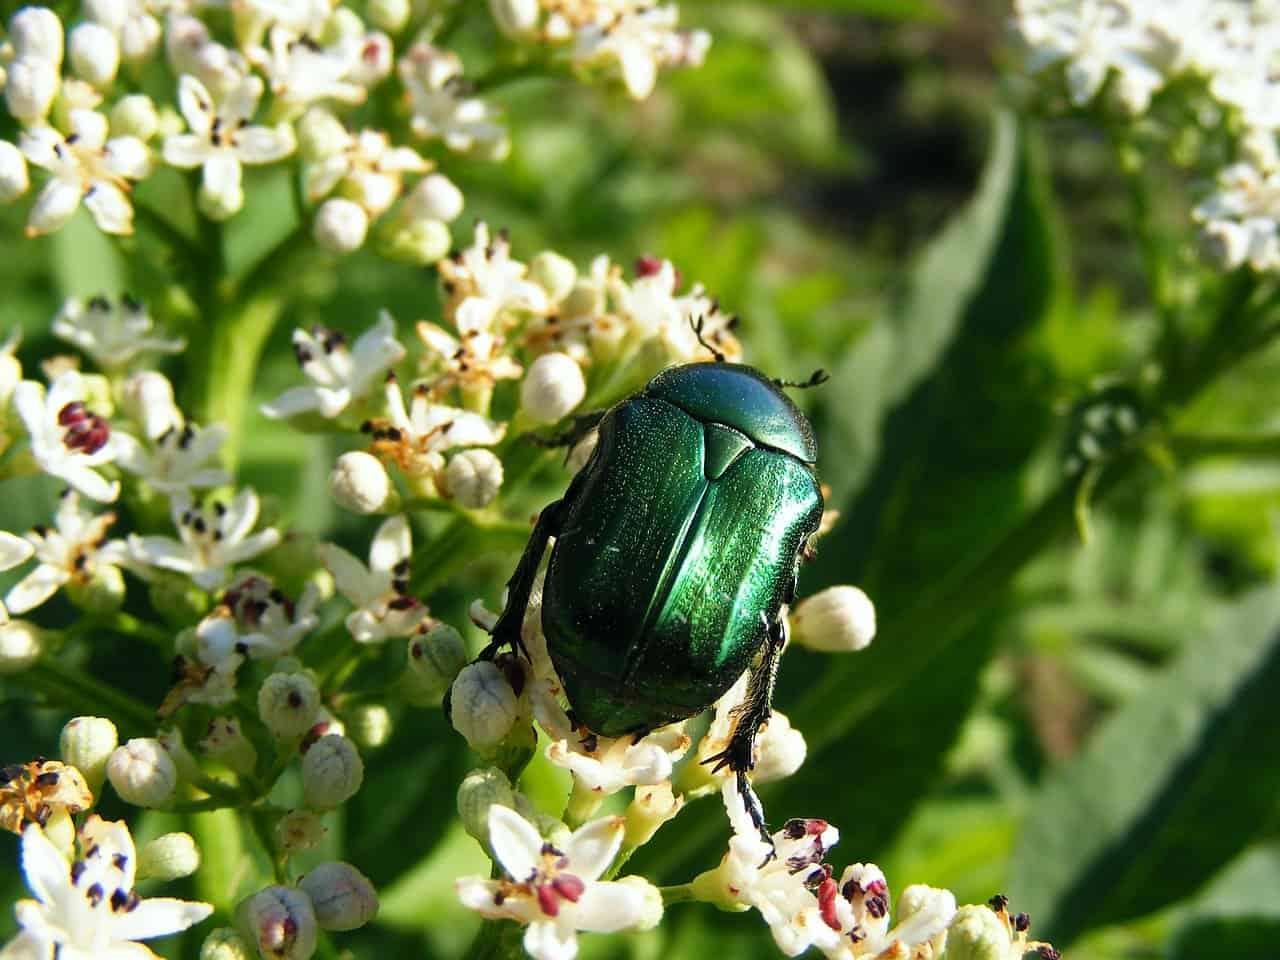 Insecto Junio: Hechos Generales y Repelentes Comerciales para Deshacerse de ellos